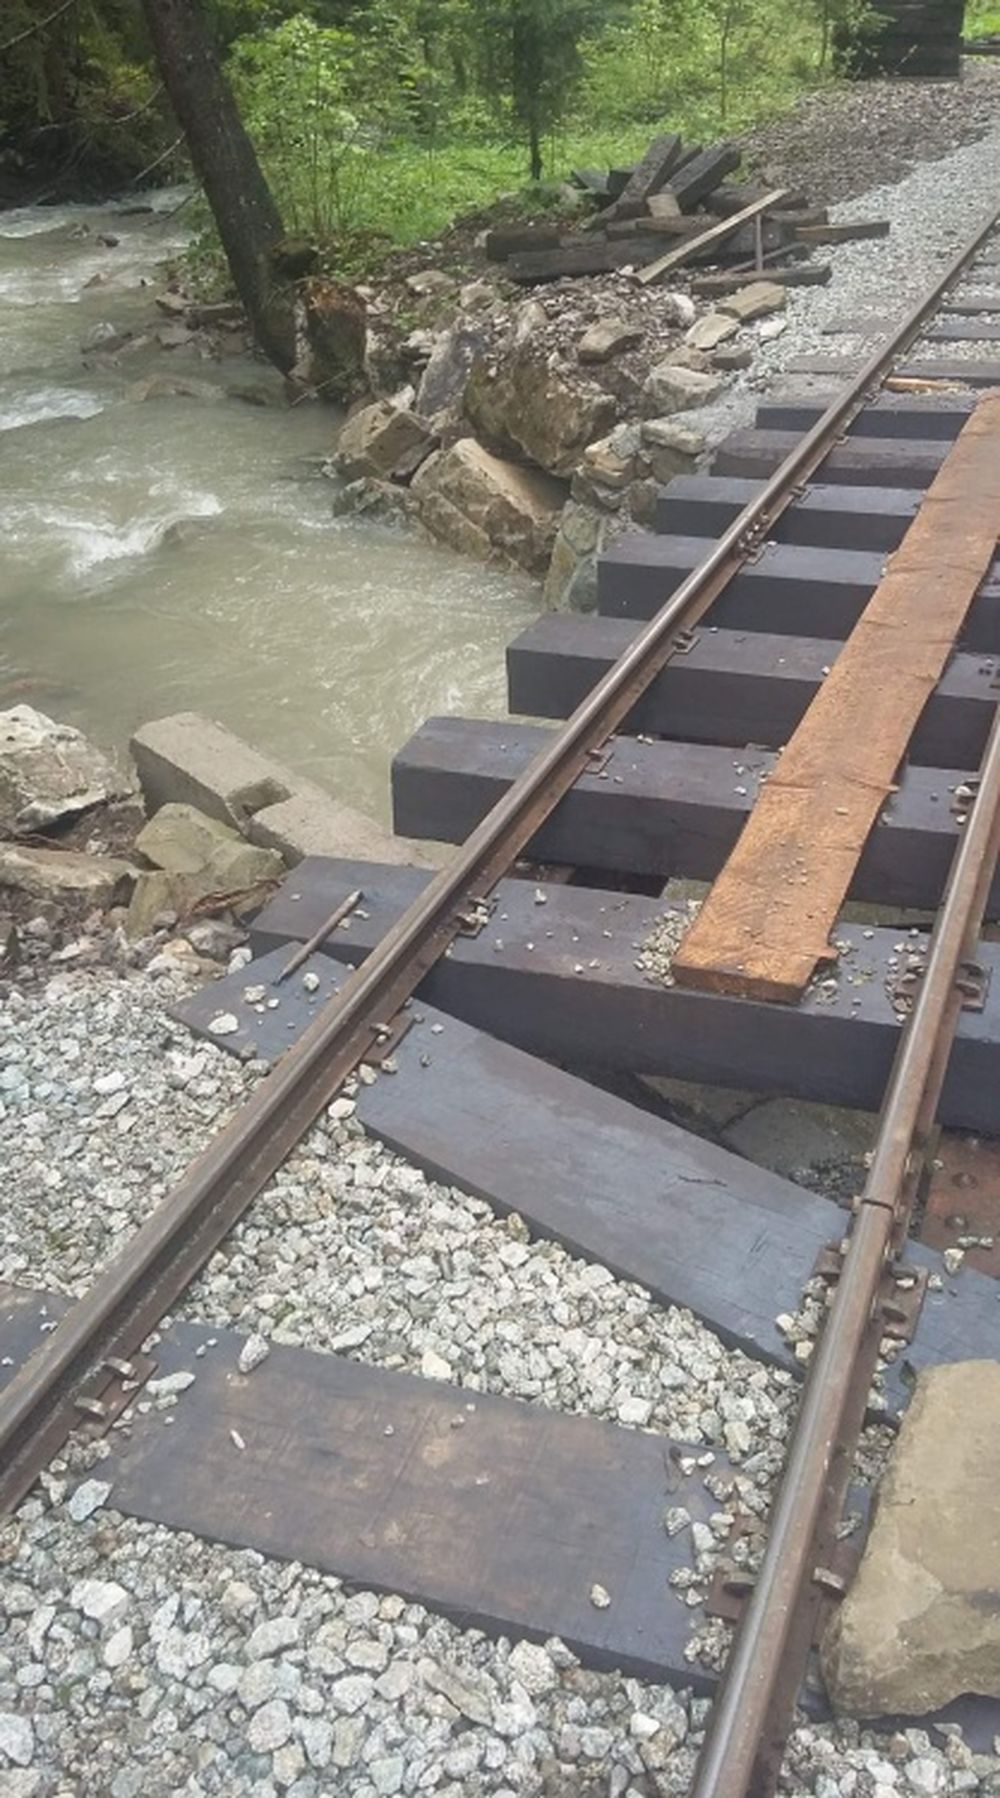 FOTO: Intenzívne dažde ohrozujú Skanzen vo Vychylovke, železnica funguje v obmedzenom režime, foto 4